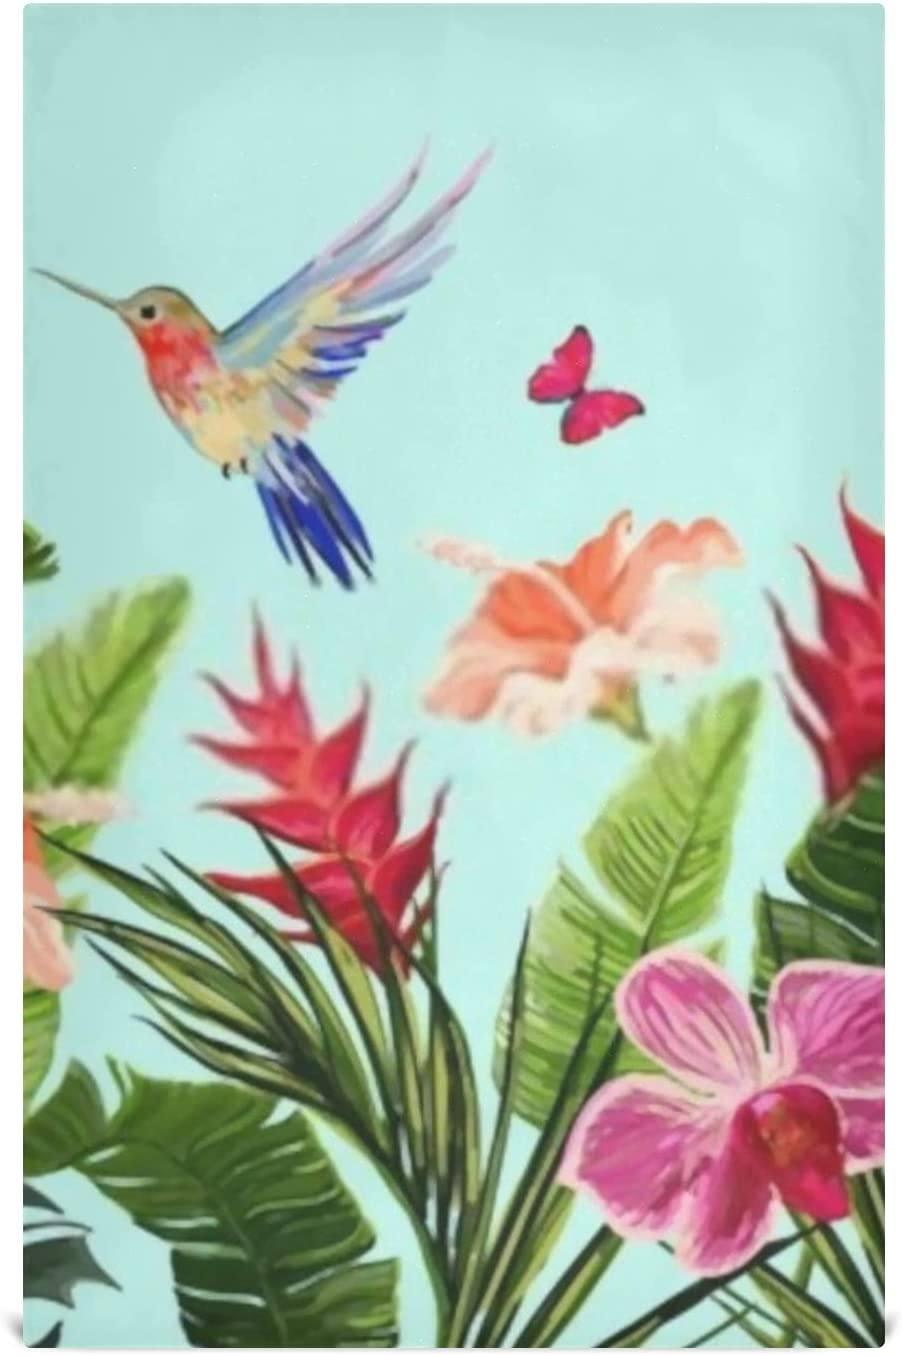 HJSHG Kitchen Ranking TOP16 Dish Towel Set Large 6 Floral Max 46% OFF Summer